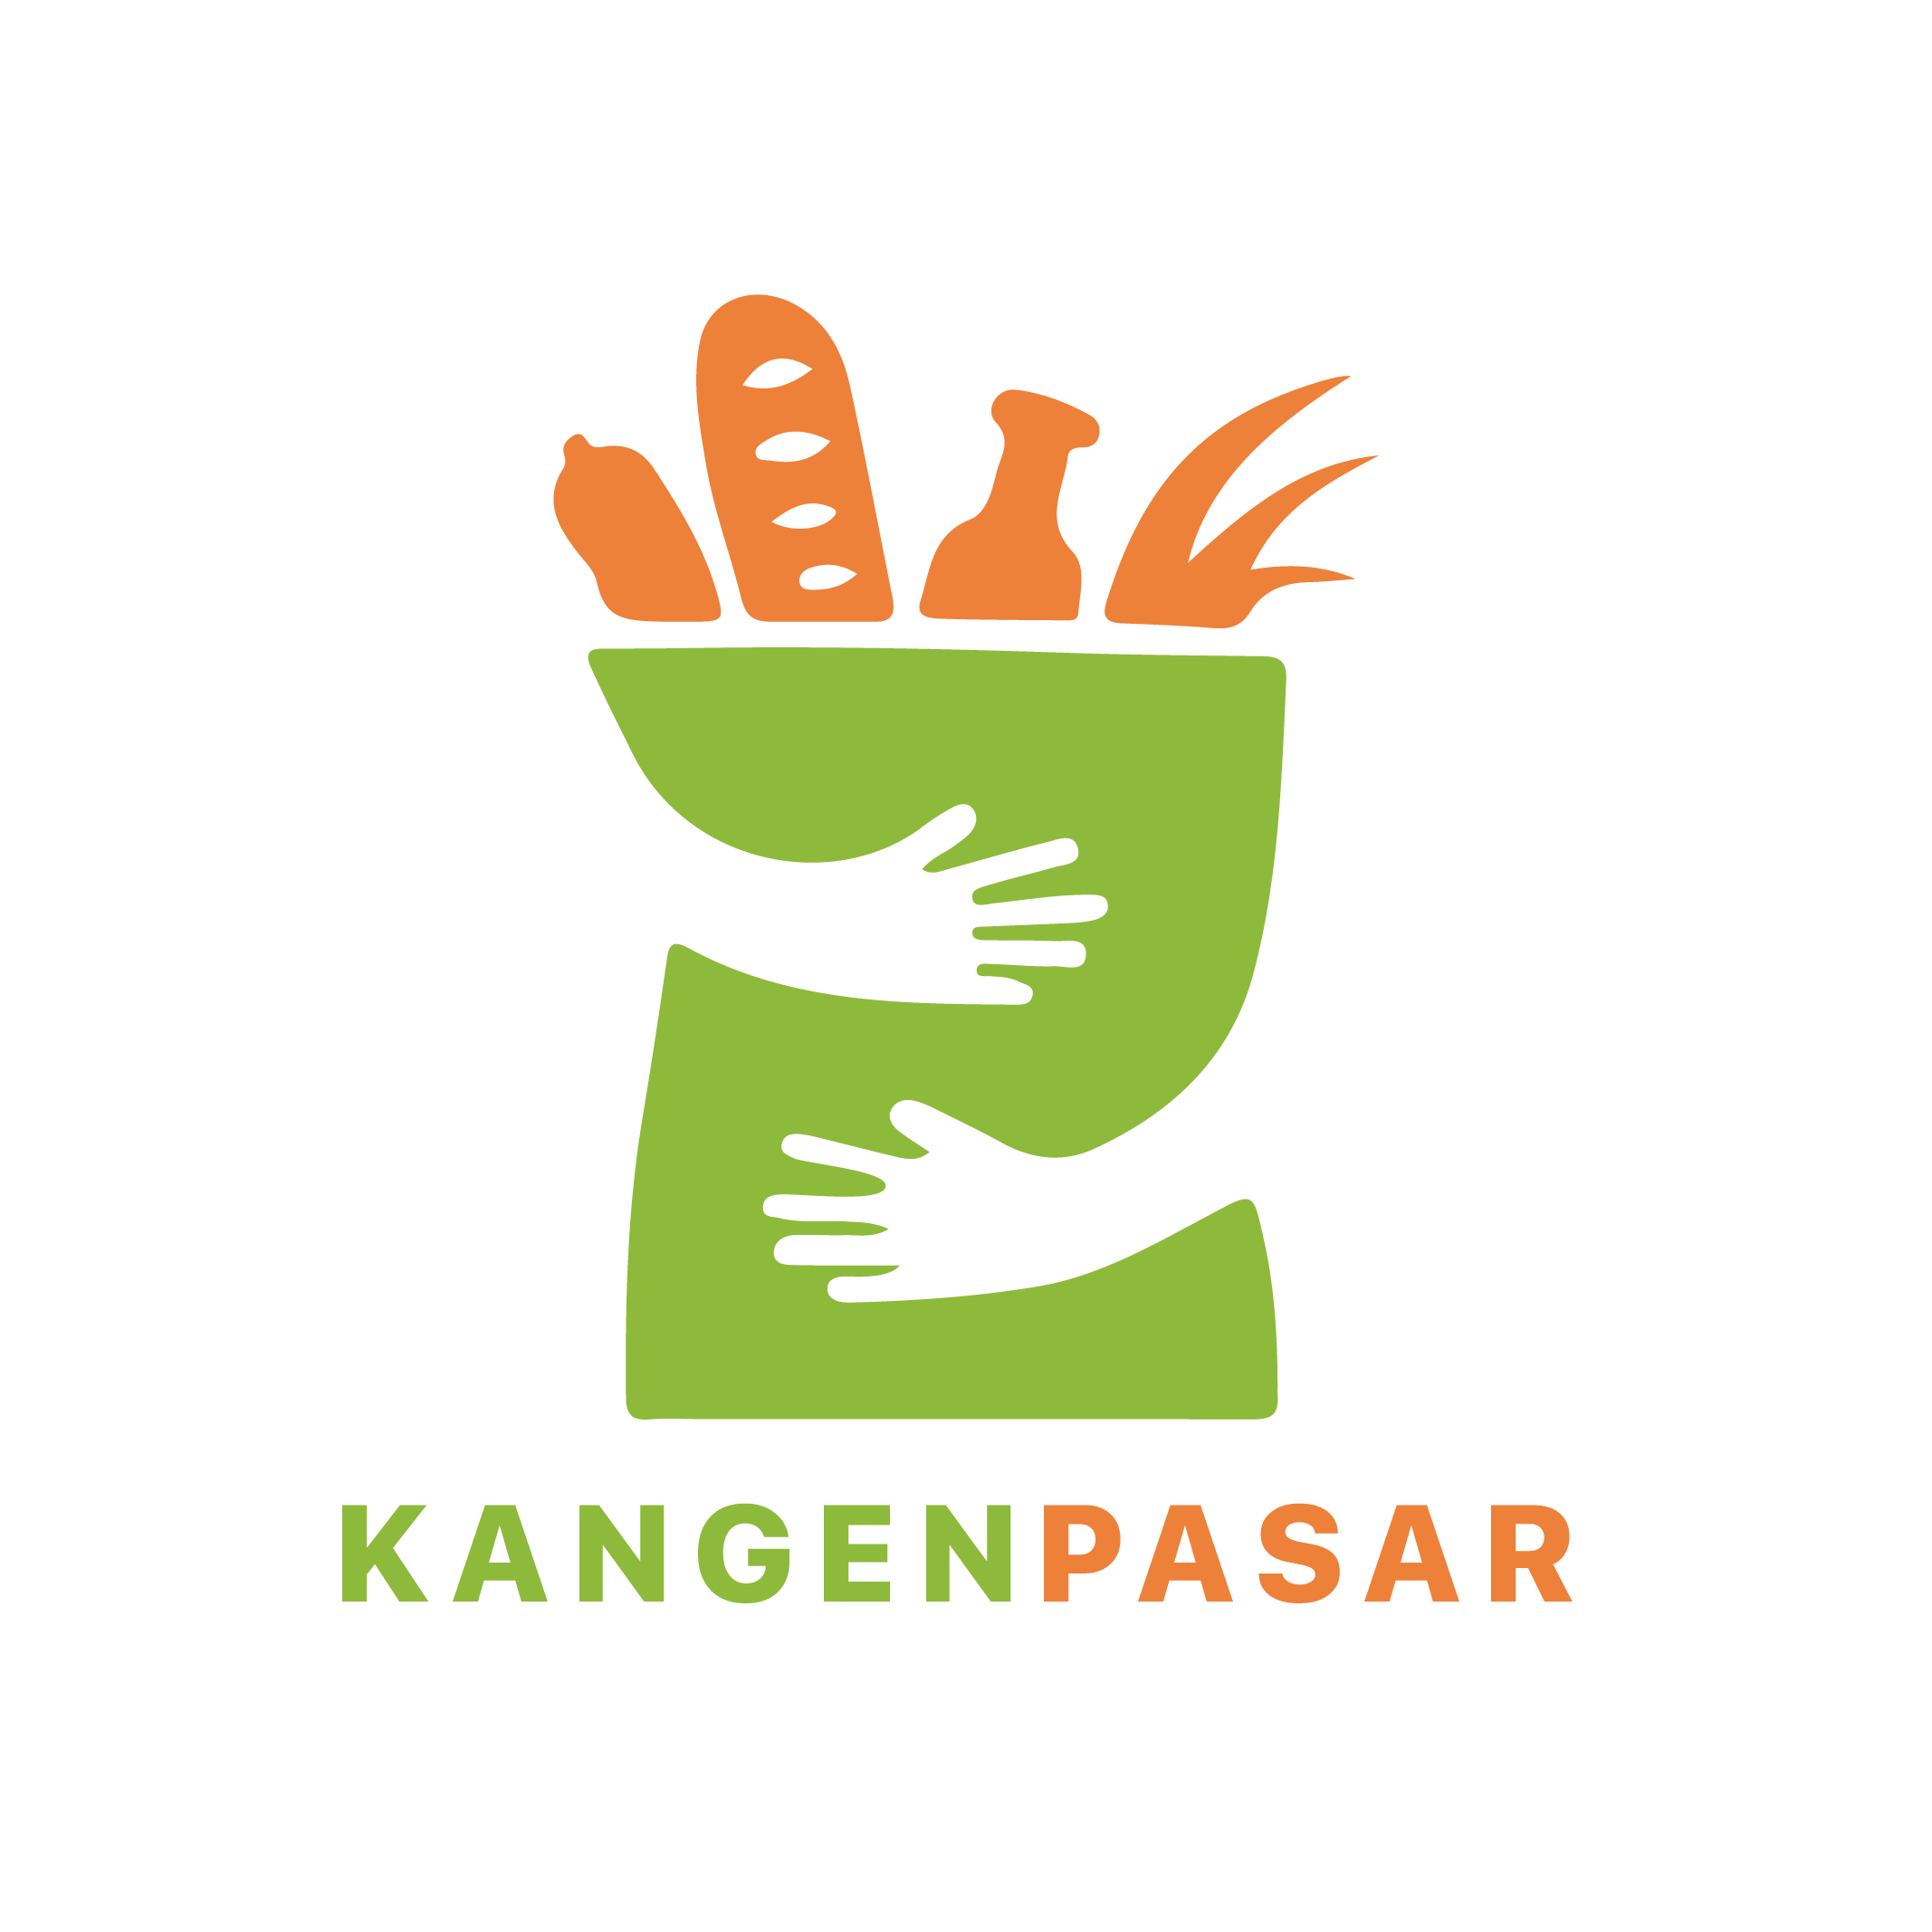 Kangen Pasar